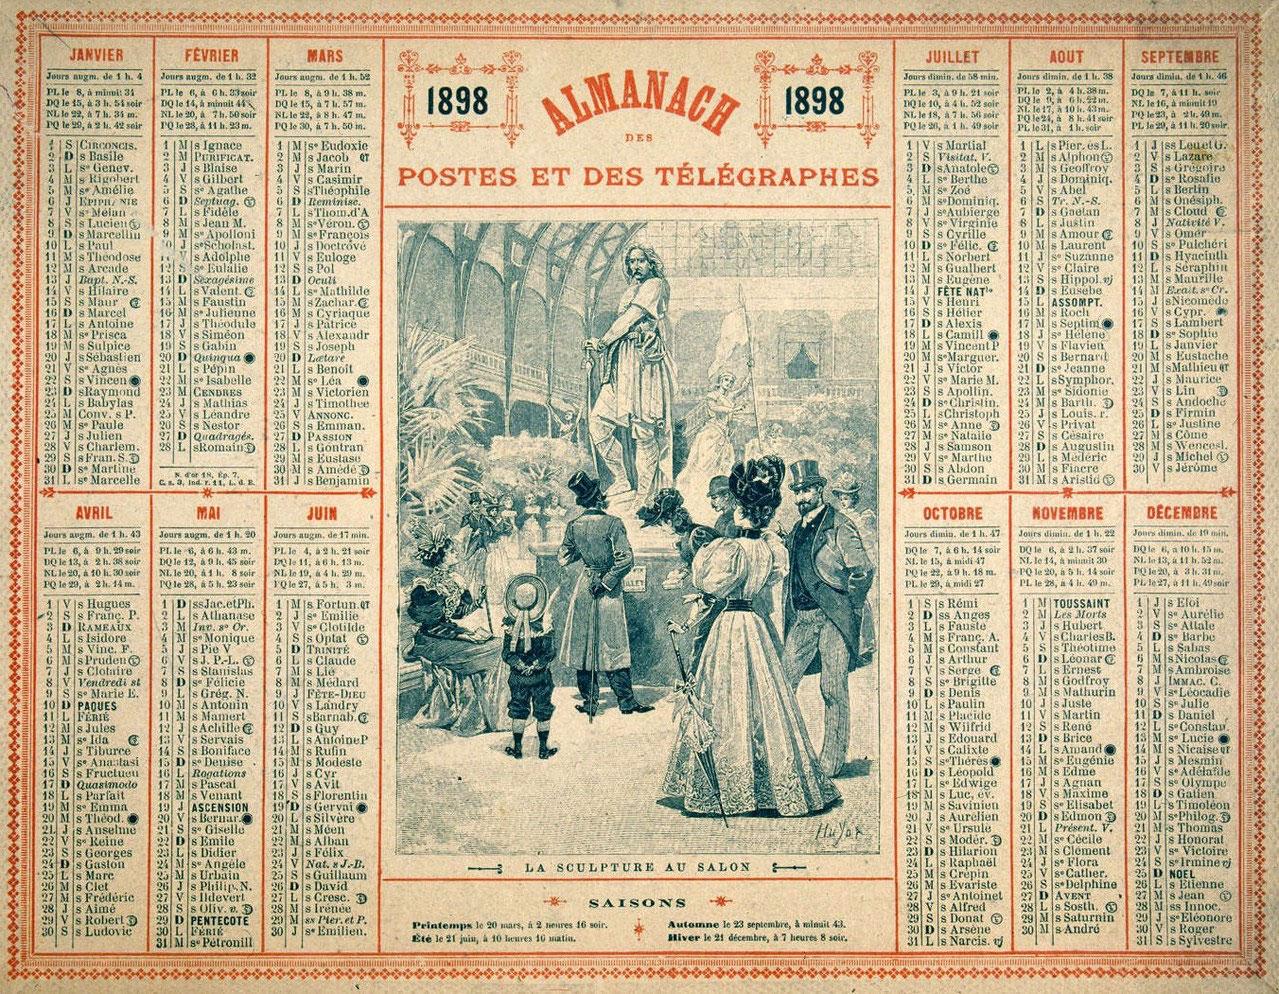 """Résultat de recherche d'images pour """"François-Charles Oberthur almanach 1849"""""""